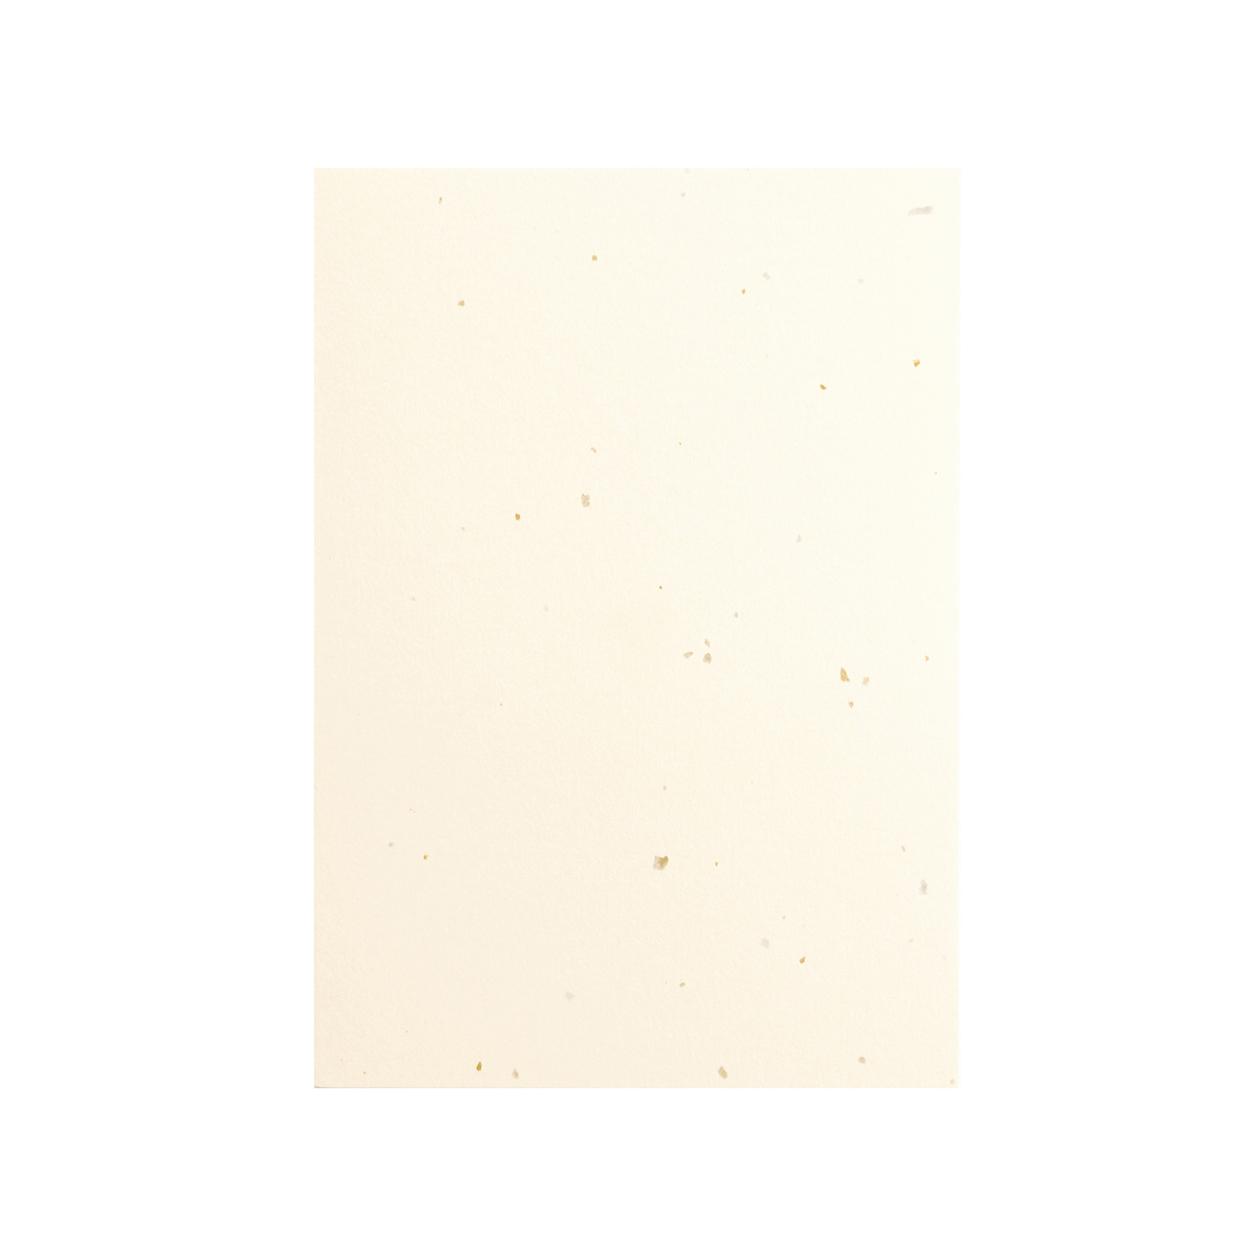 Pカード こざと 白雪 186.1g